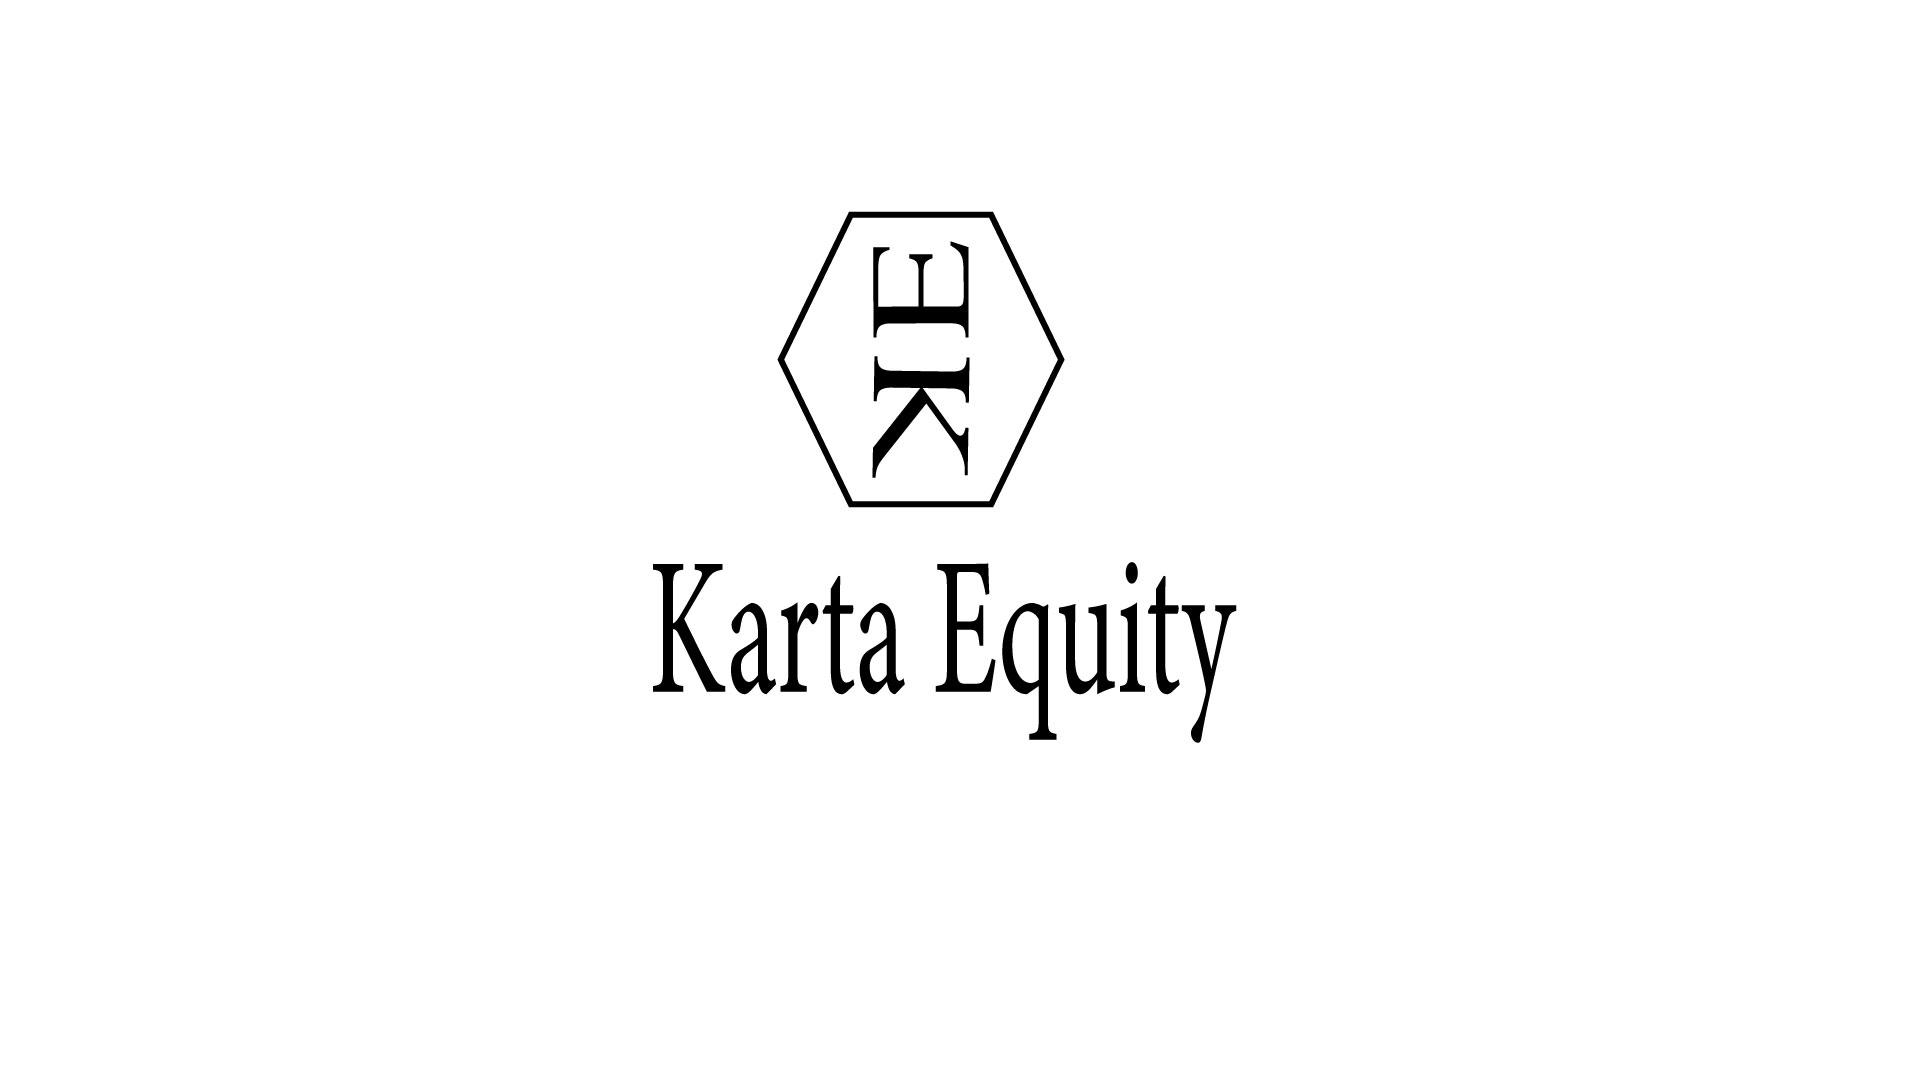 Логотип для компании инвестироваюшей в жилую недвижимость фото f_4855e1059d159d6d.jpg